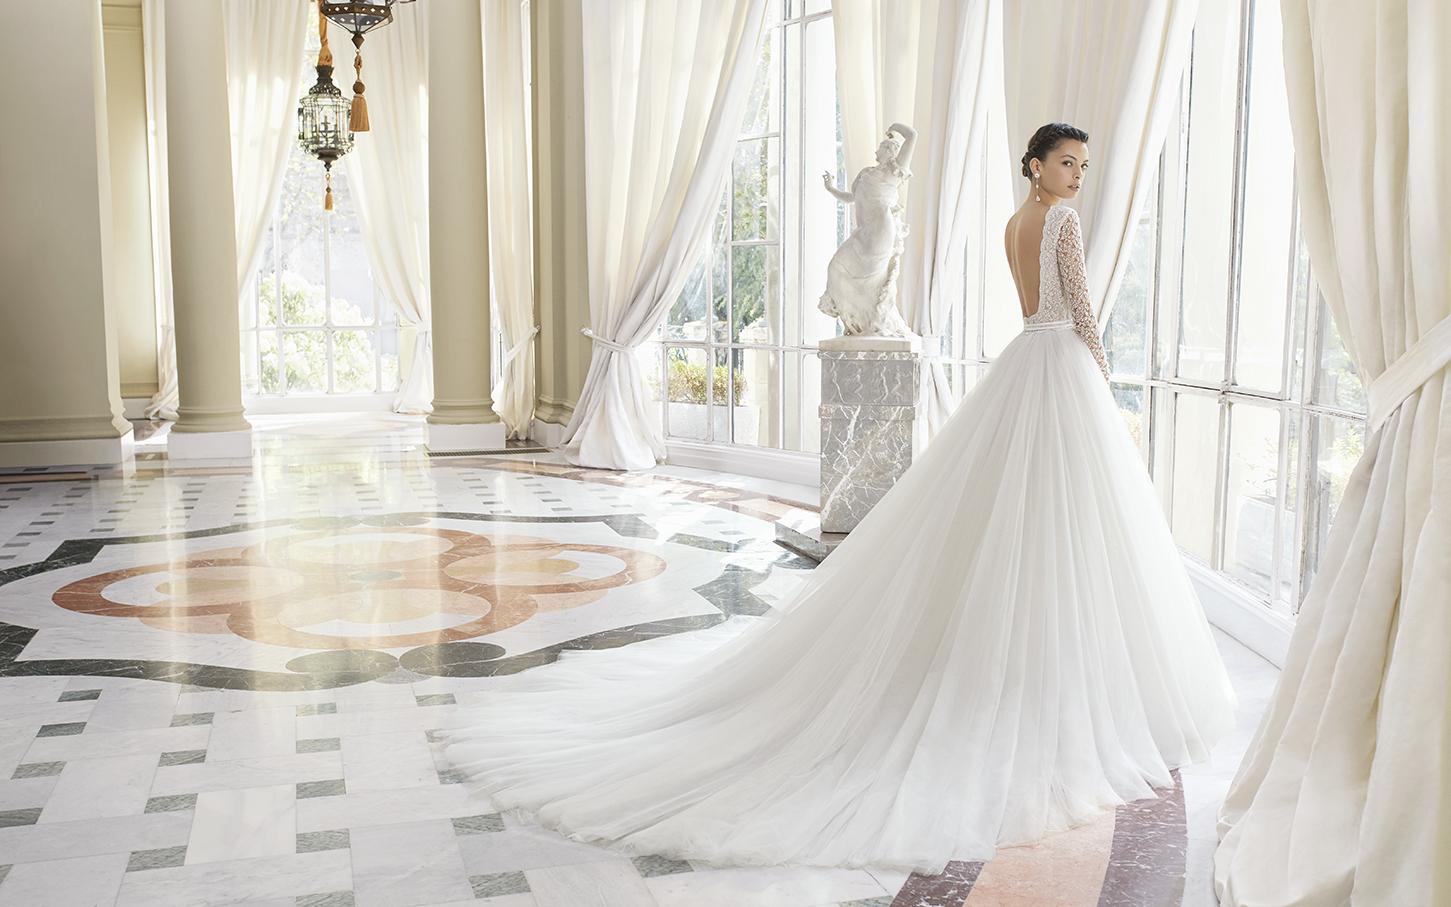 Abito da sposa principesco con gonna in tulle il giardino della sposa - Il giardino della sposa ...